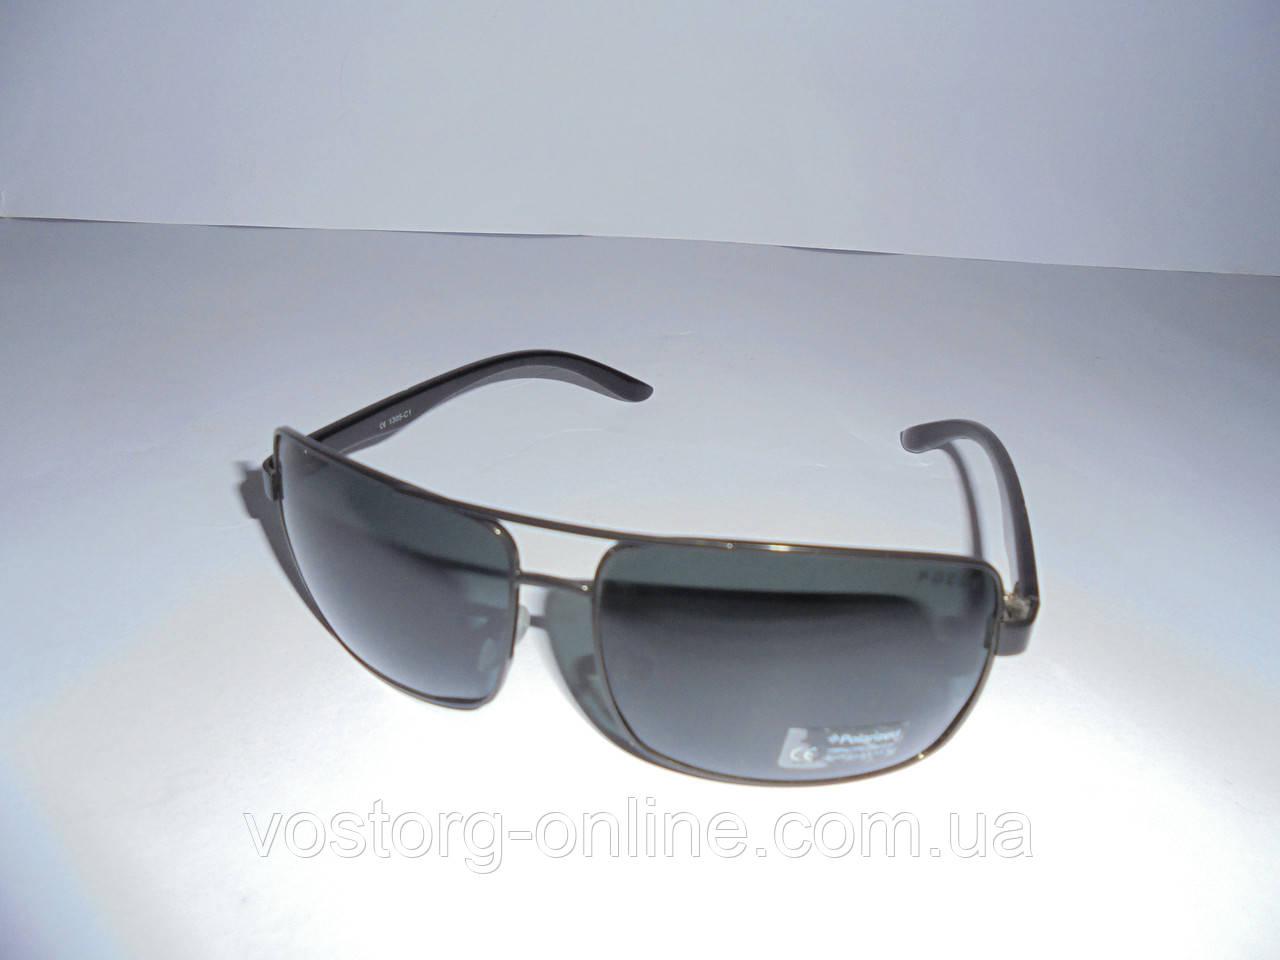 Мужские солнцезащитные очки polaroid 6732, стильные, модный аксессуар, очки,  мужские, качество 9be9398af62